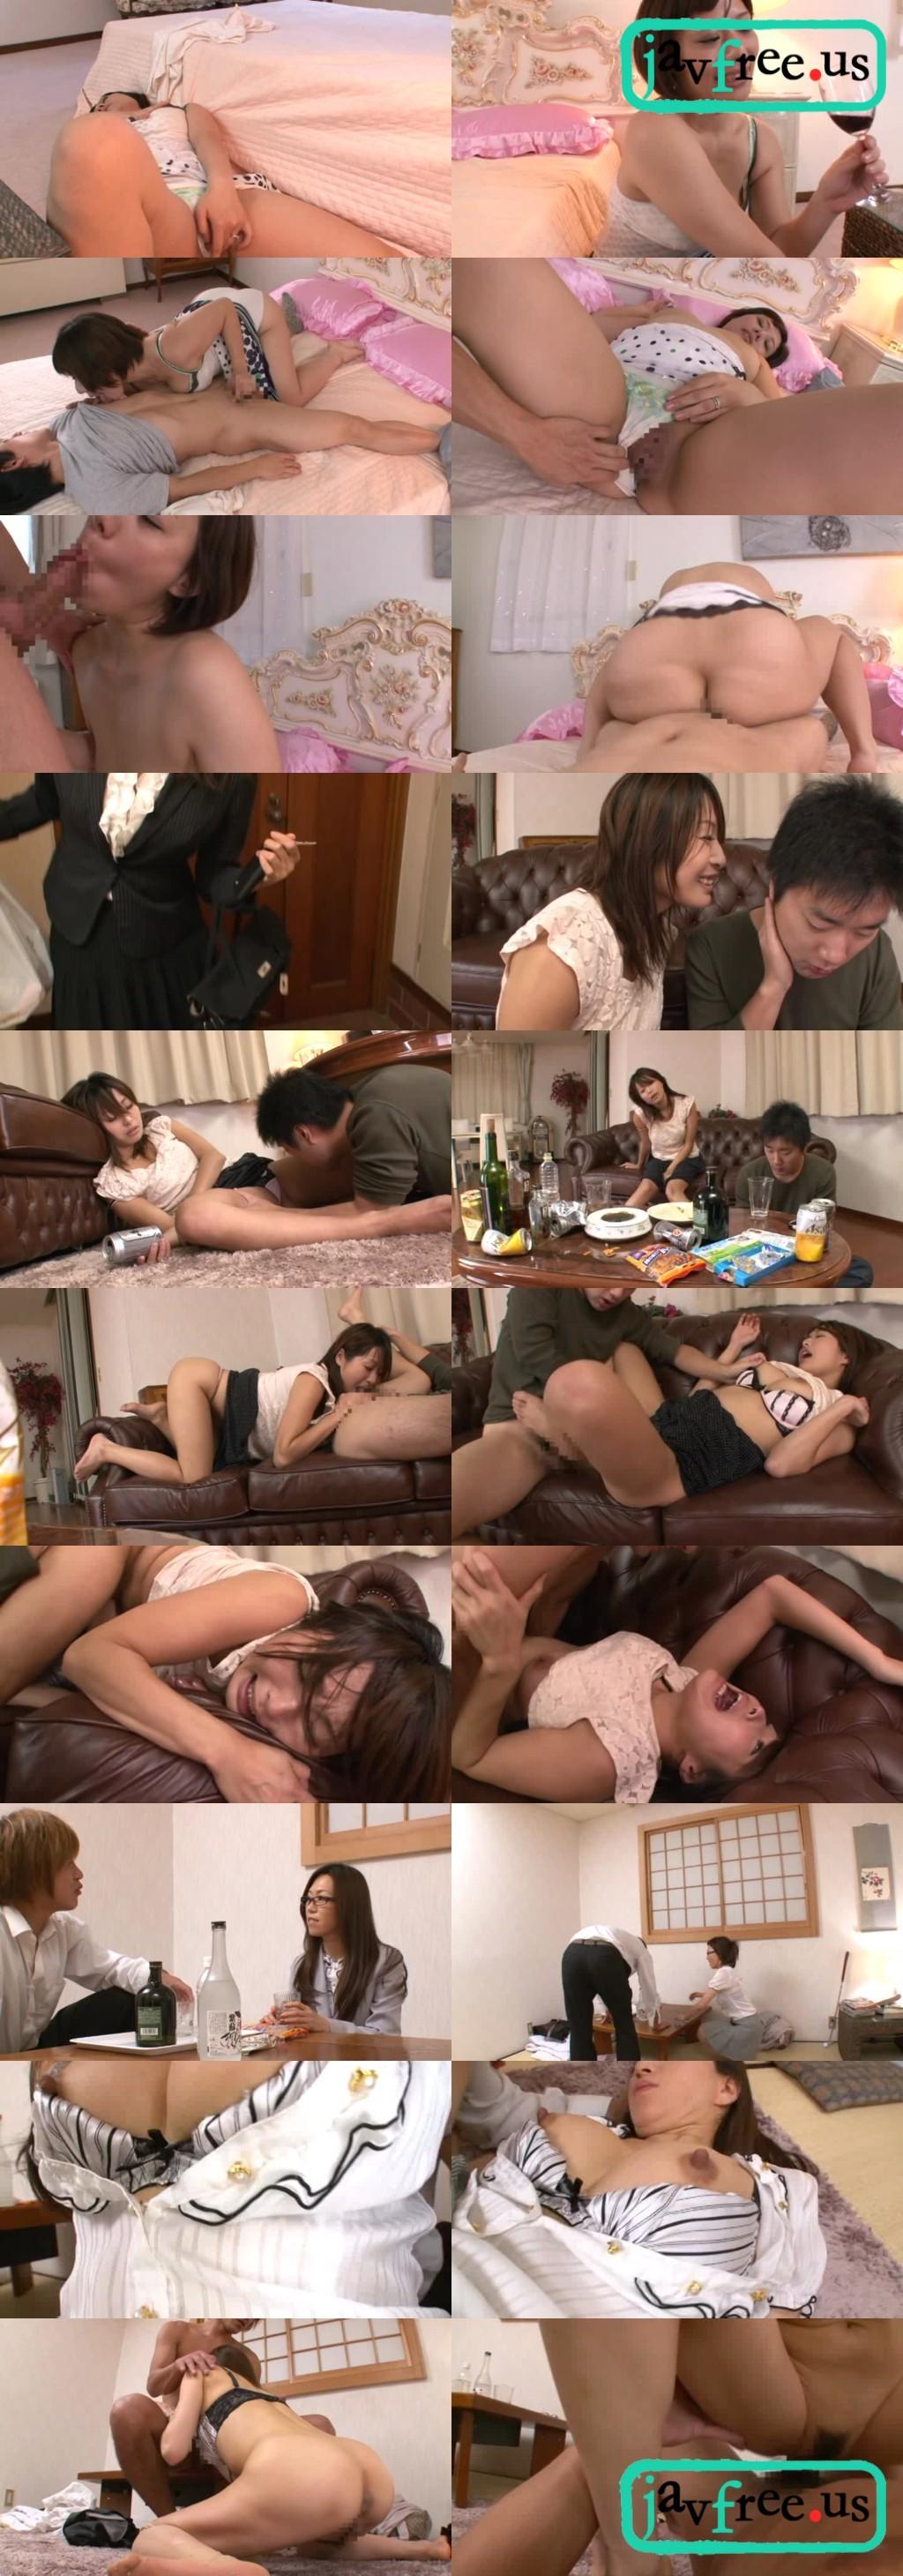 [NCYY 002] 欲求不満な人妻をちょっと酔わせたら… 2 NCYY